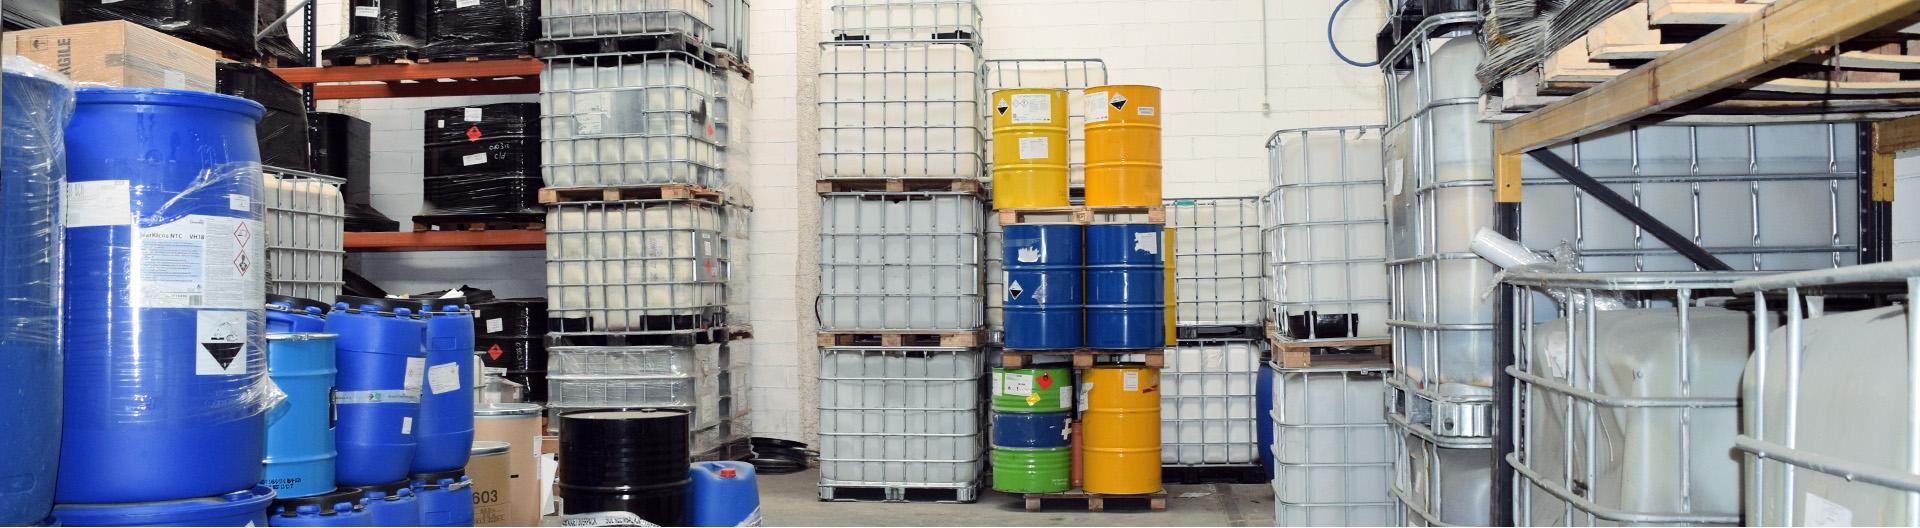 TRF Gestión de Residuos: más de 20 años de experiencia